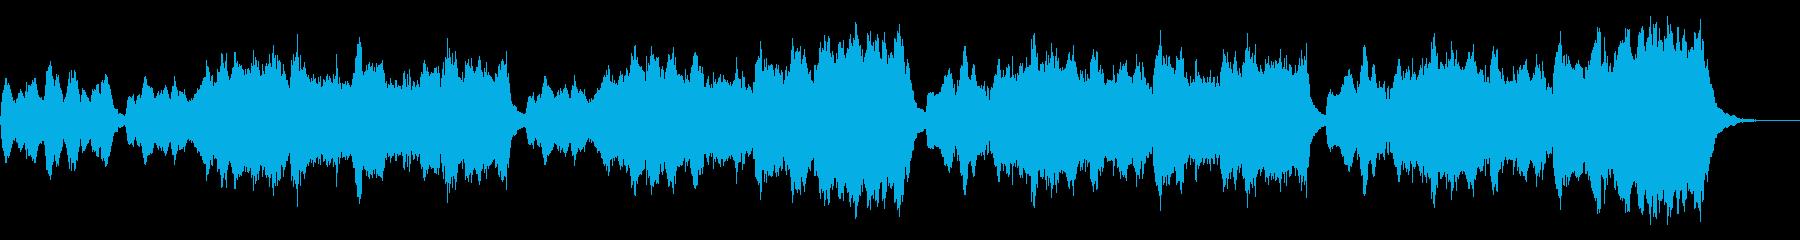 ハリウッド軽快な疾走感あるオーケストラの再生済みの波形